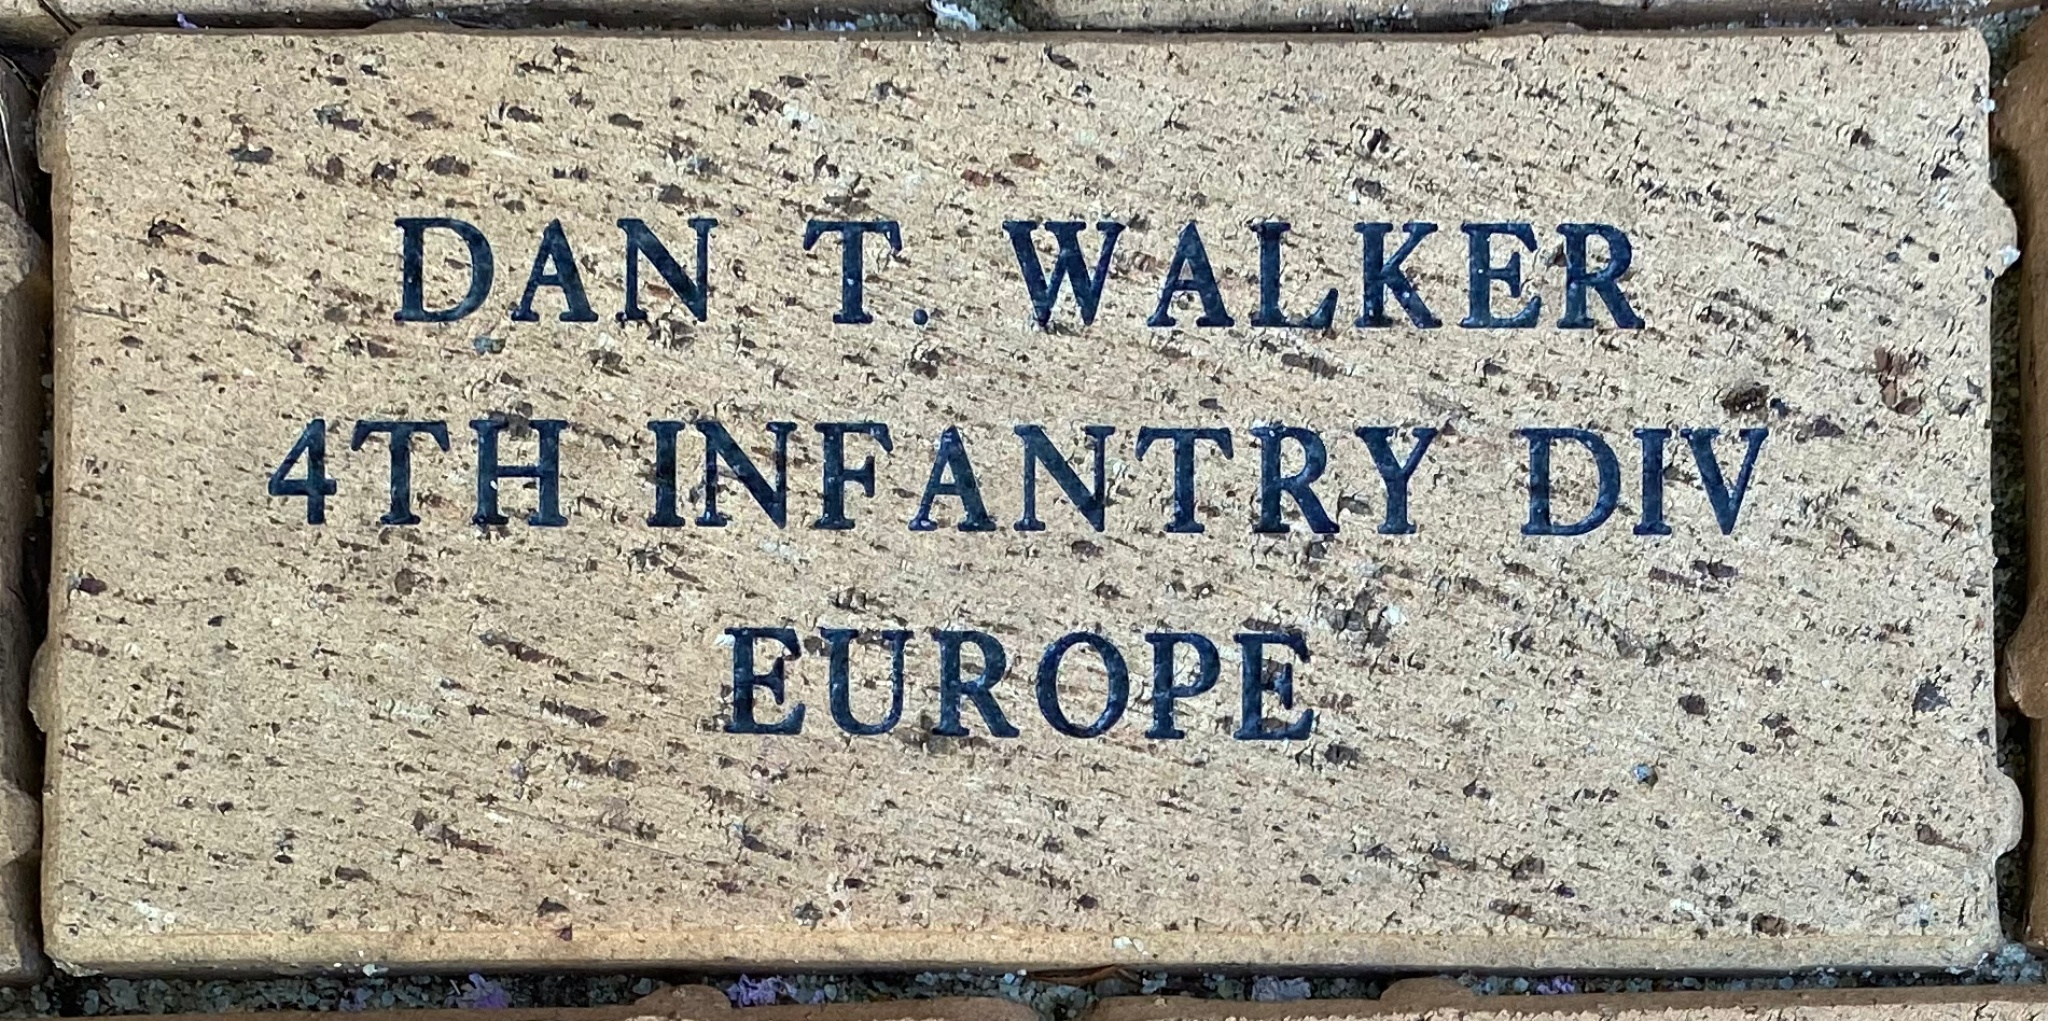 DAN T. WALKER 4TH INFANTRY DIV EUROPE